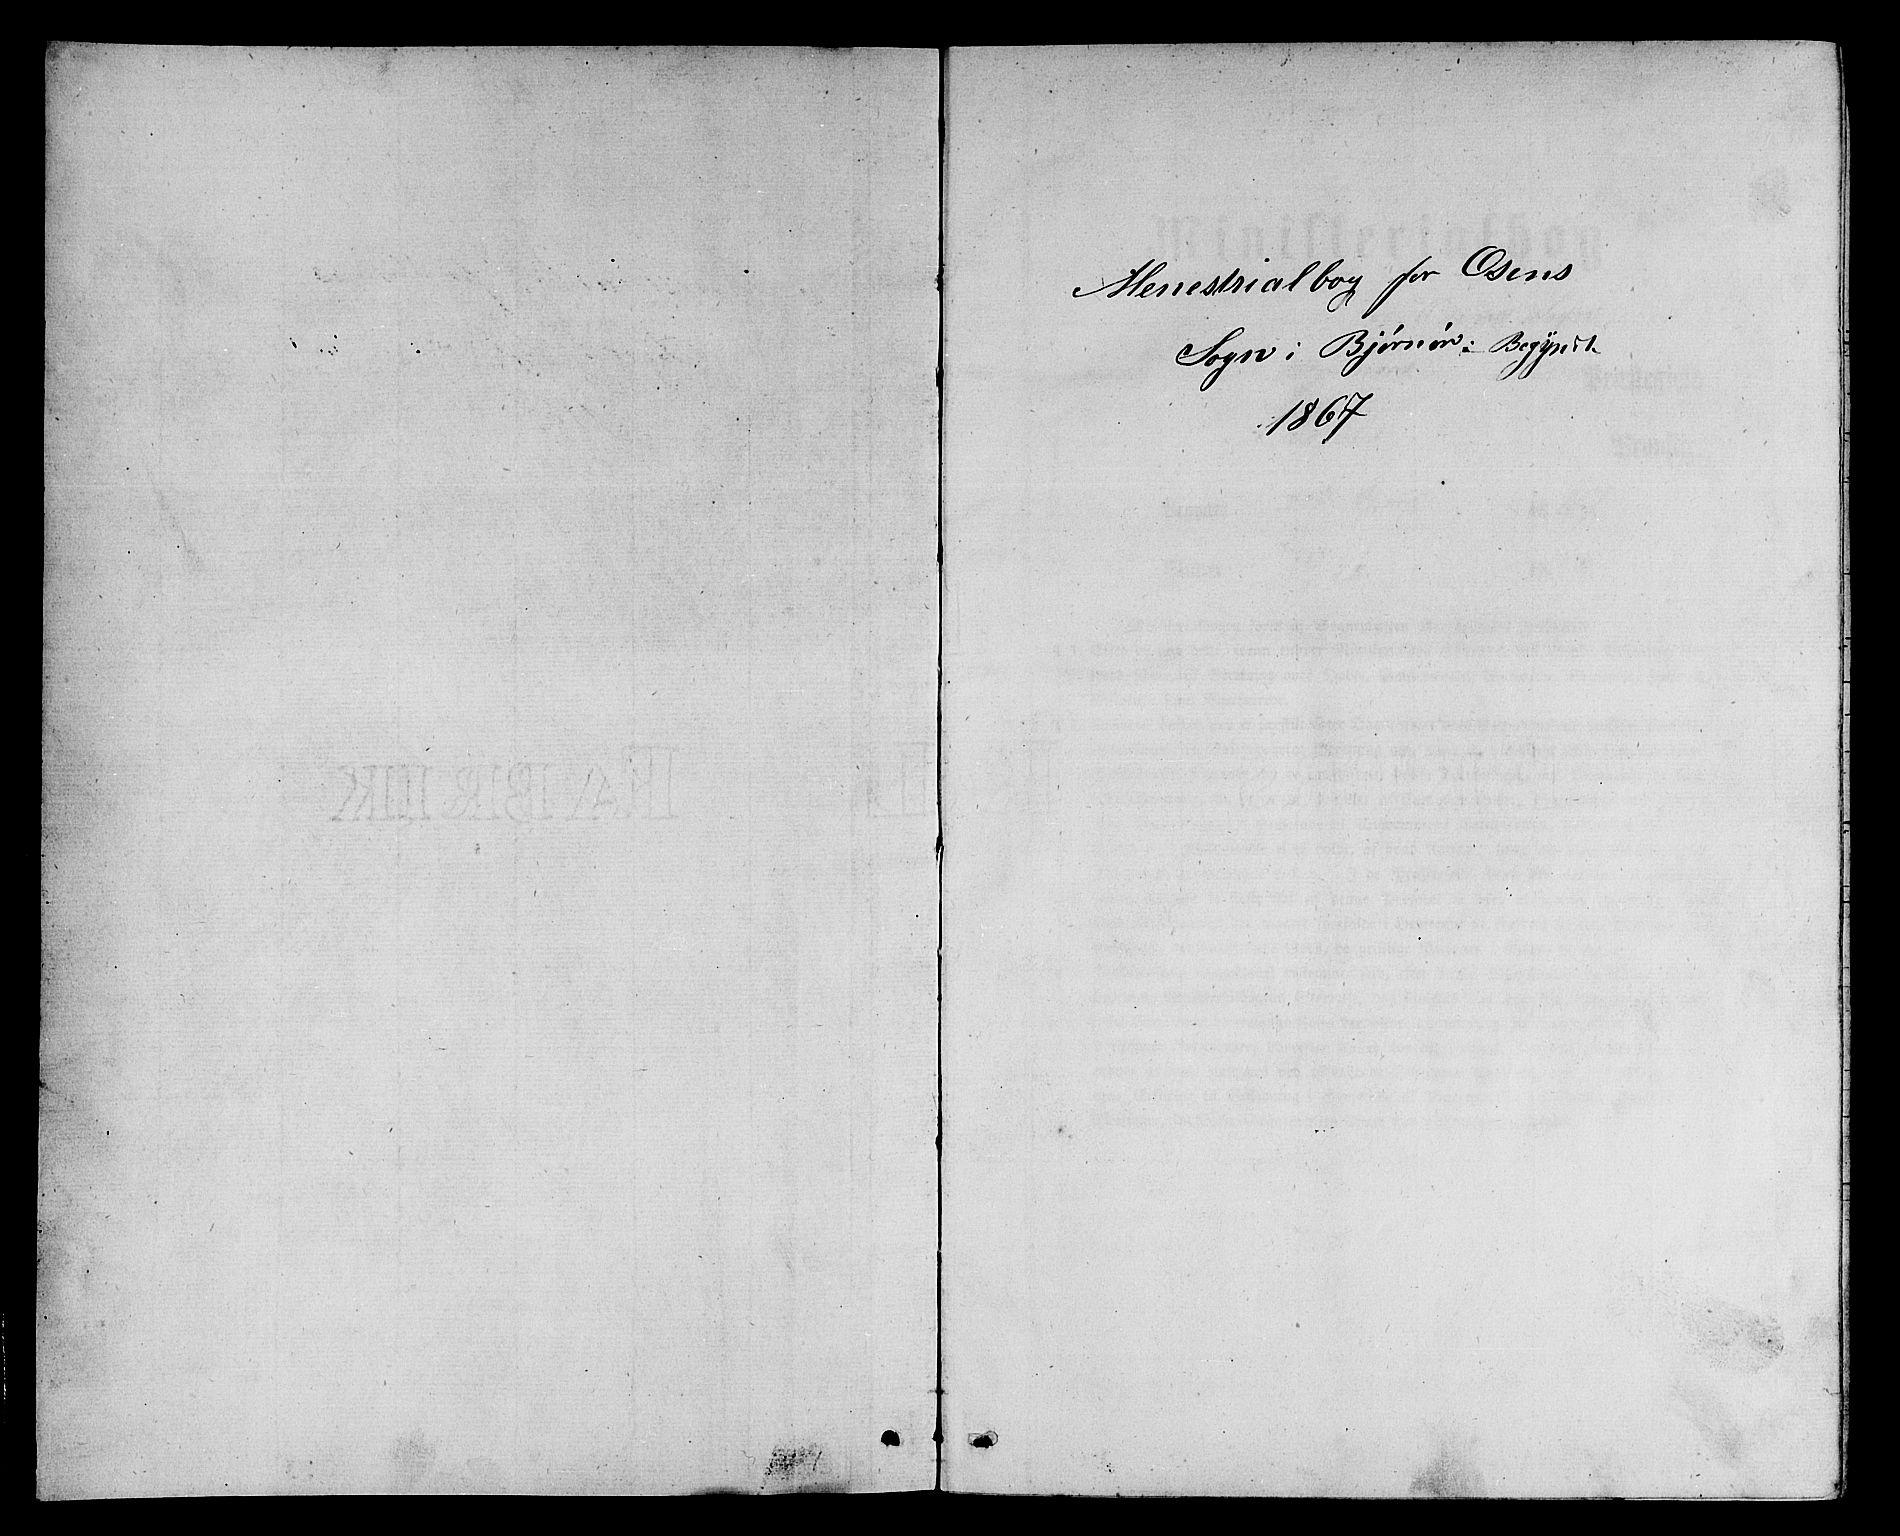 SAT, Ministerialprotokoller, klokkerbøker og fødselsregistre - Sør-Trøndelag, 658/L0725: Klokkerbok nr. 658C01, 1867-1882